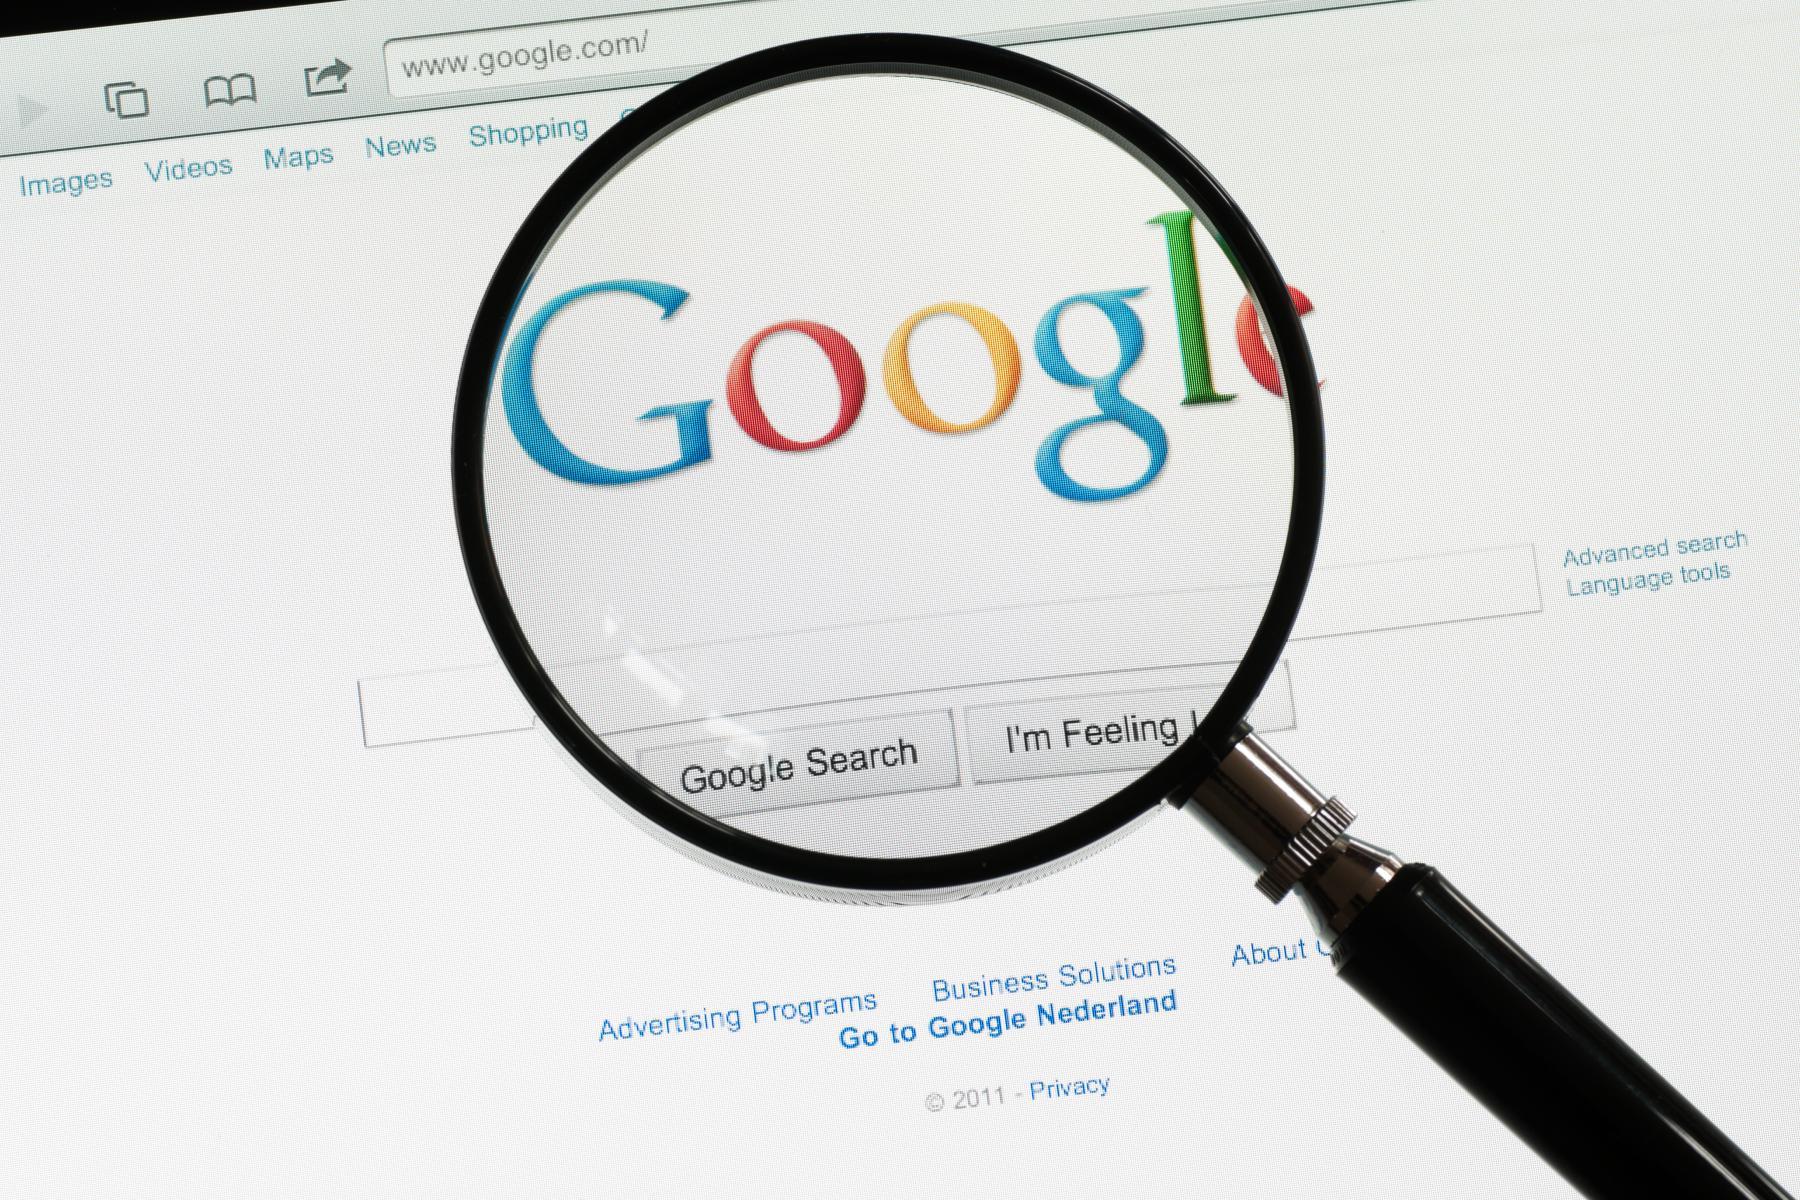 googlemarketfinder